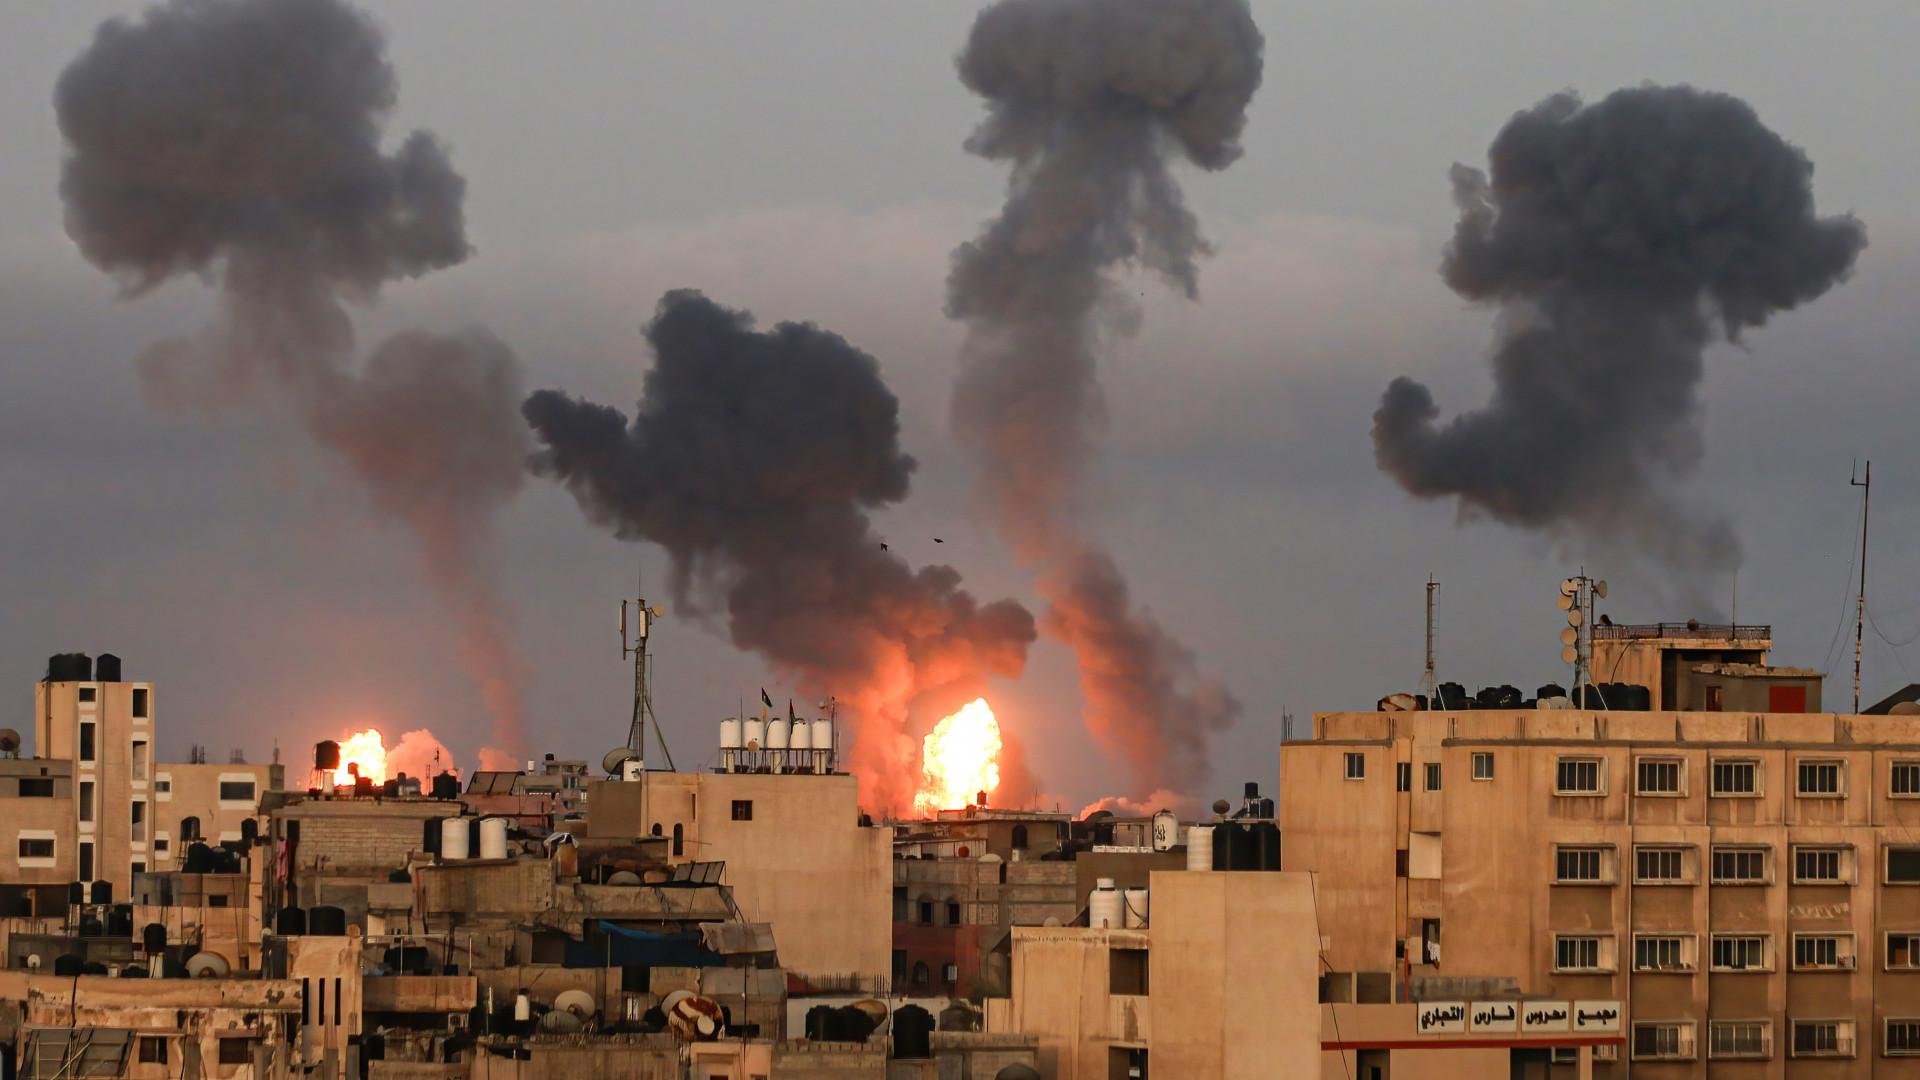 Pusztító bombázásokkal és véres összecsapásokkal újult ki a világ egyik legrégebbi konfliktusa